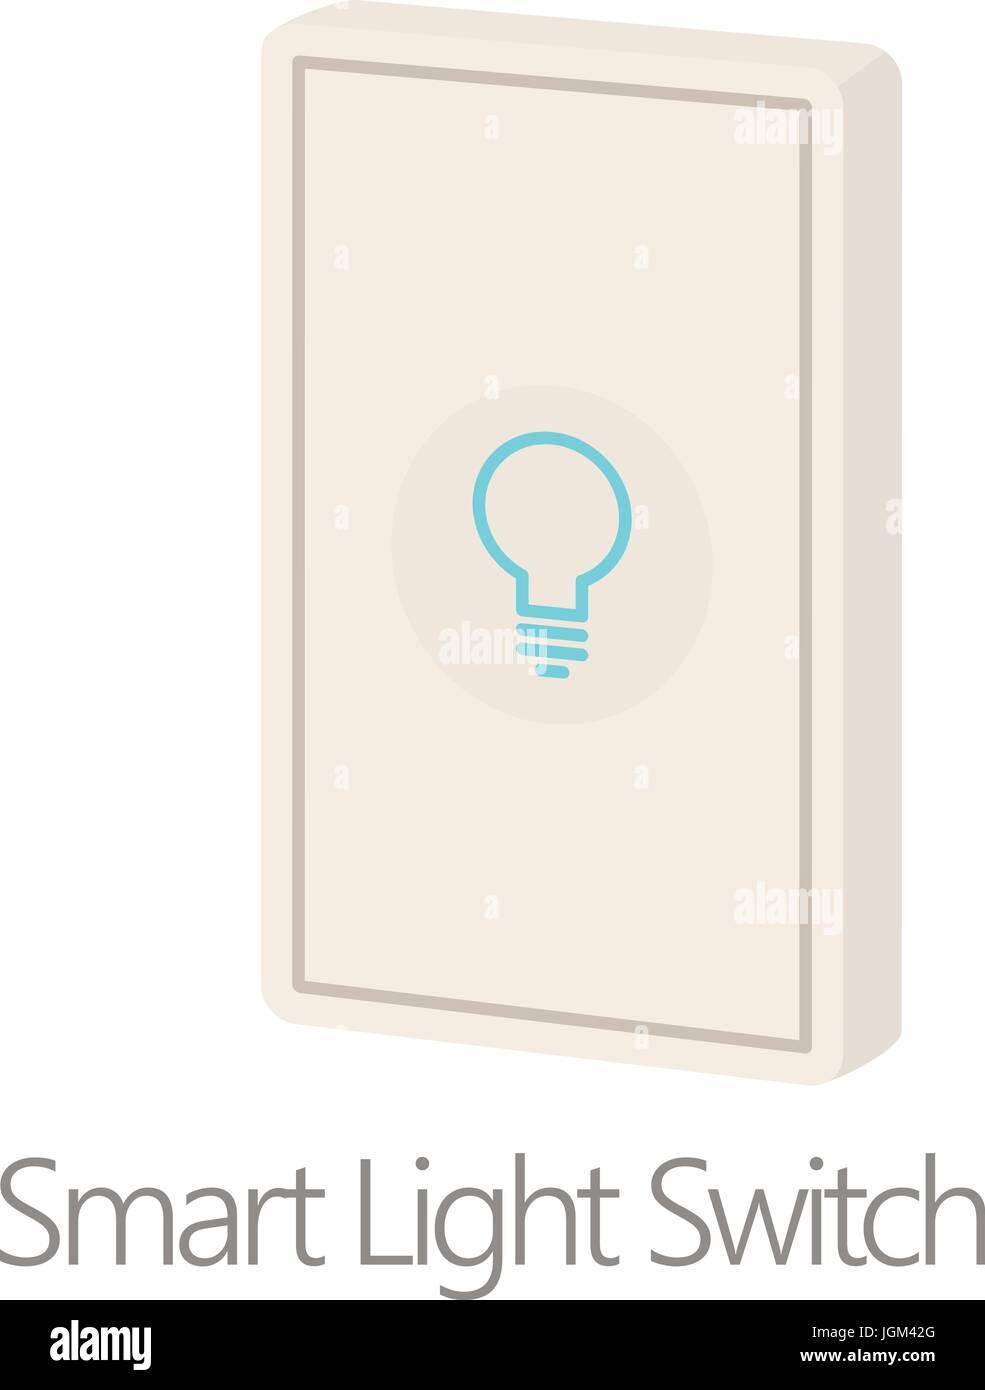 Intelligente Lichtschalter Symbol, Cartoon-Stil Vektor Abbildung ...